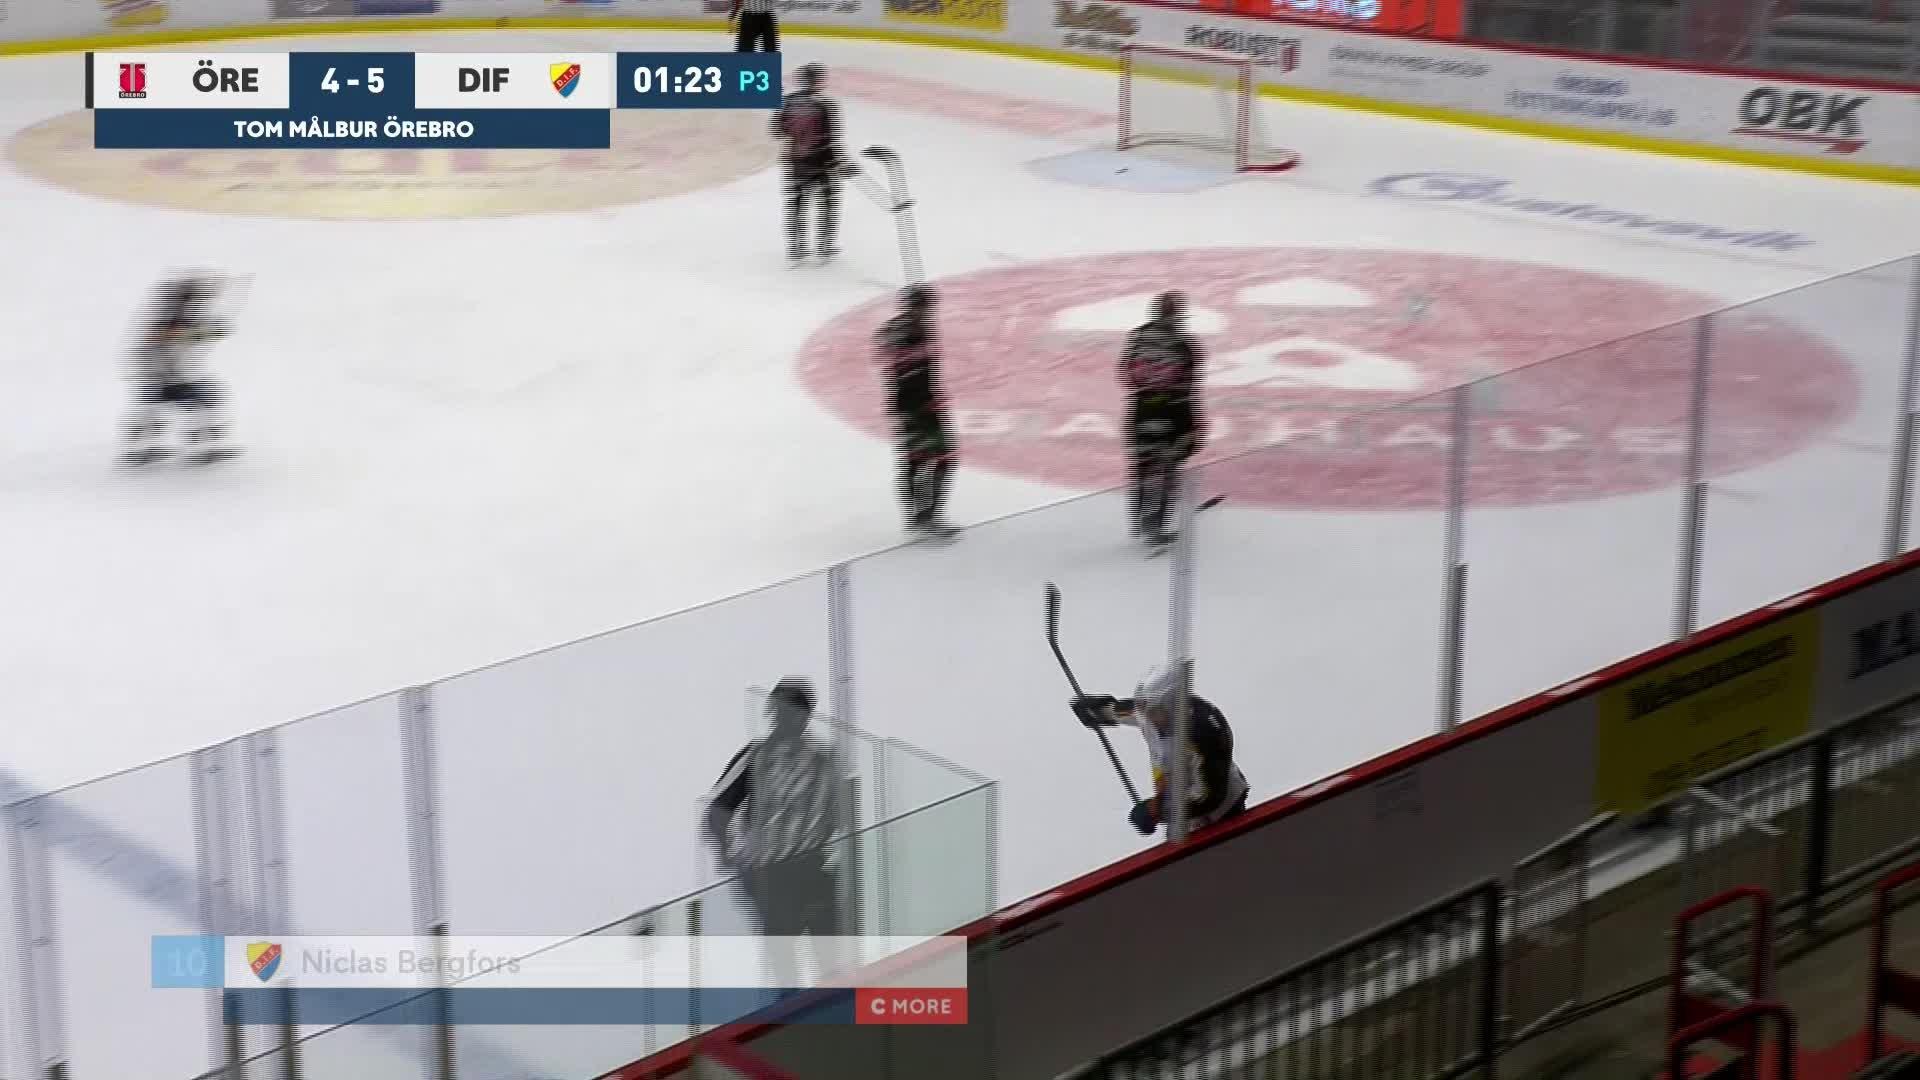 Örebro Hockey - Djurgården Hockey 4-6